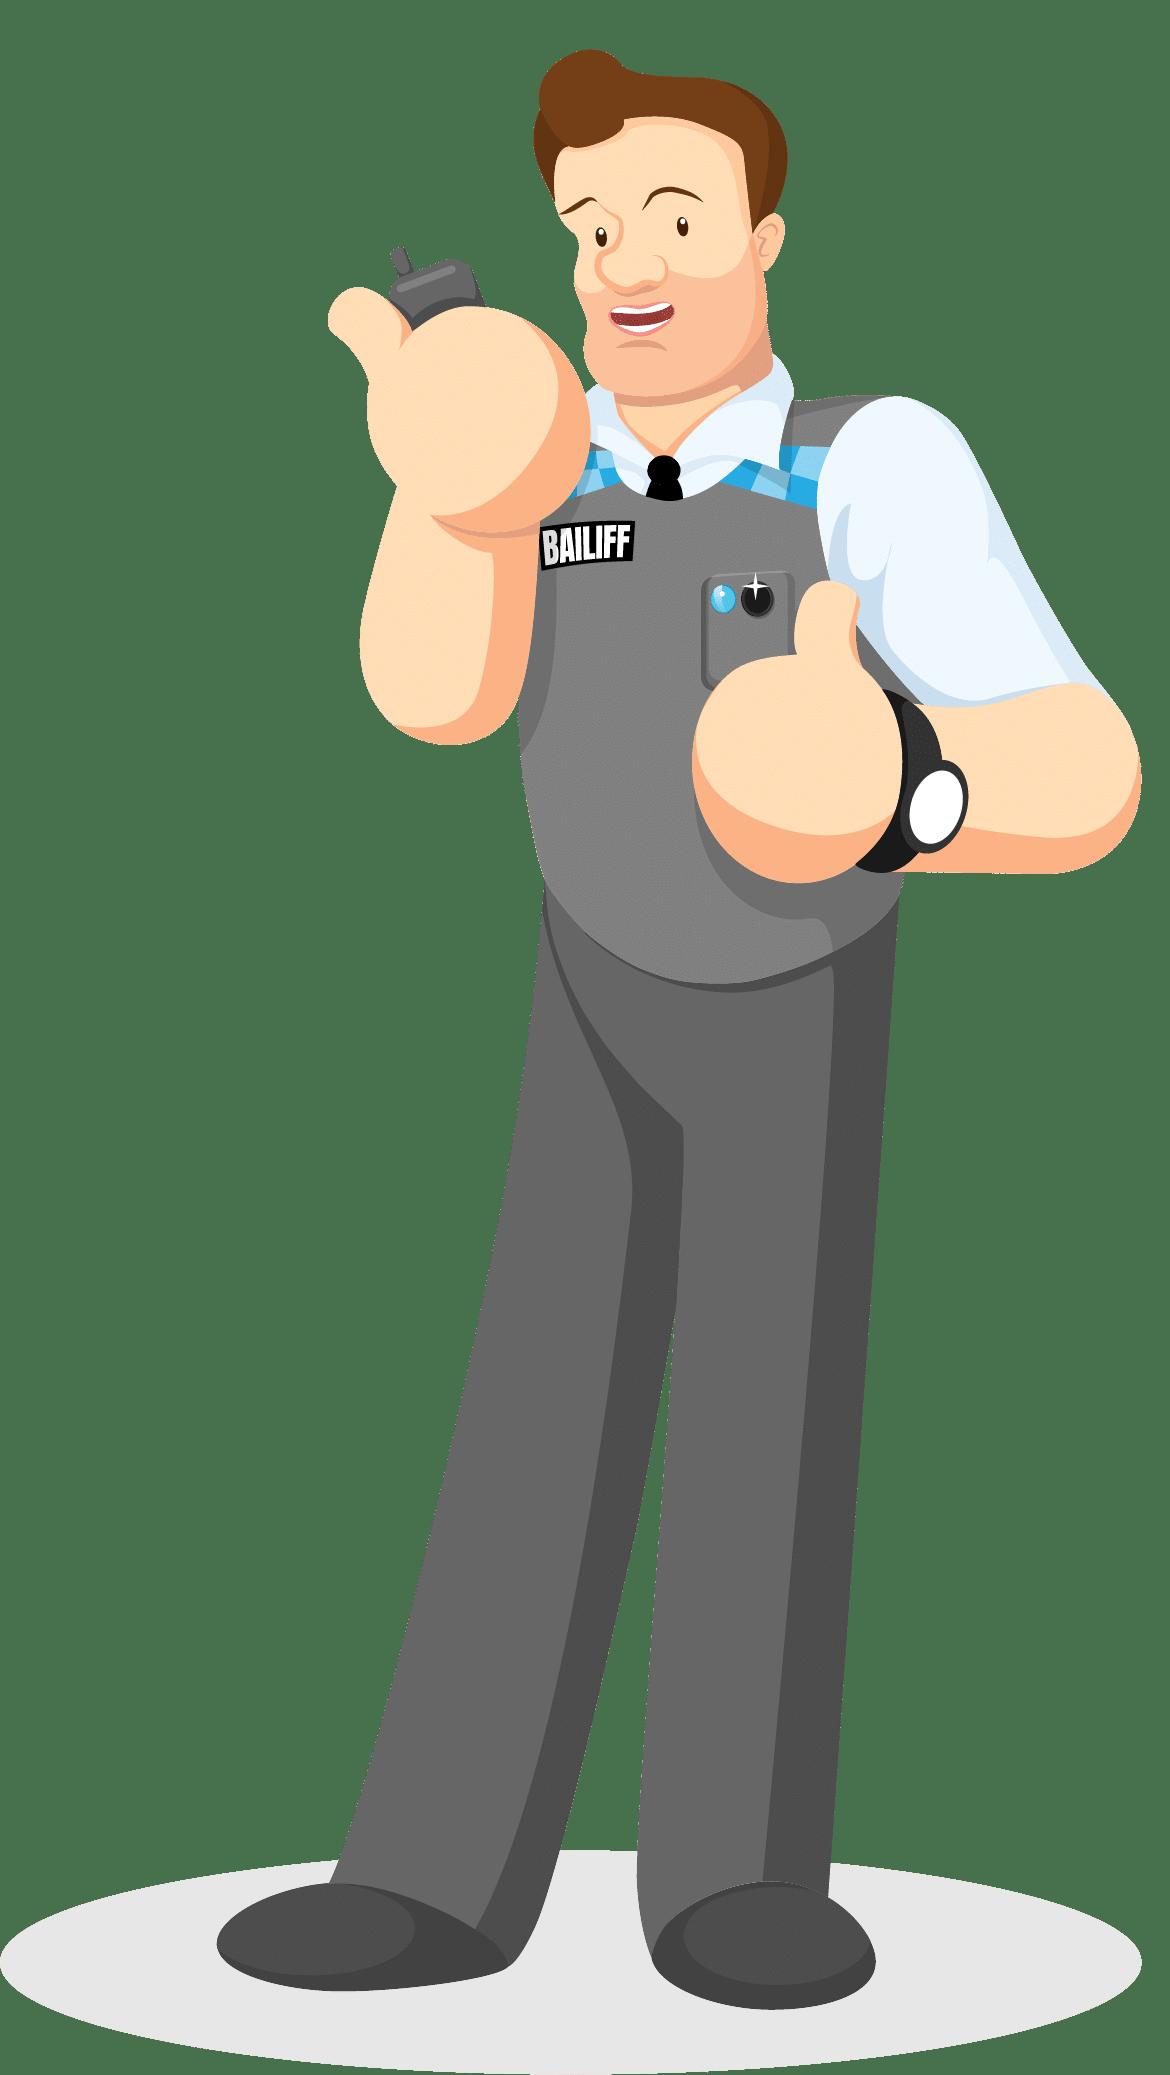 Bailiff Character